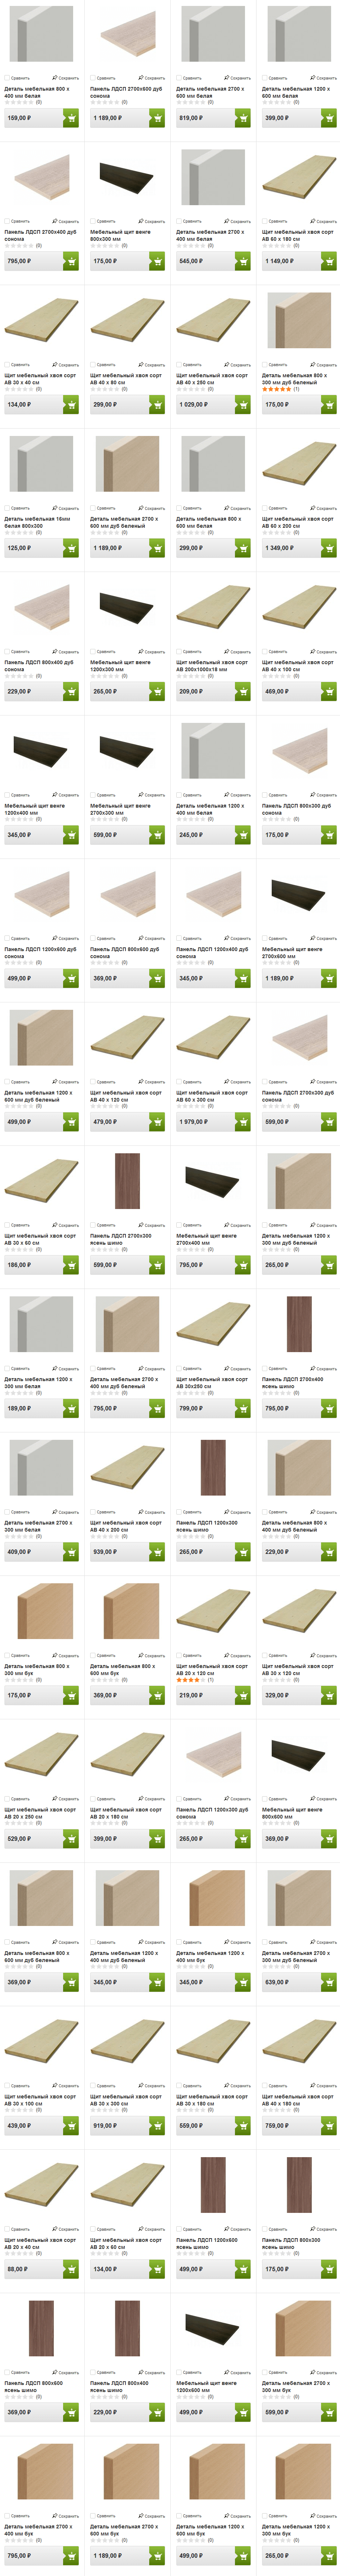 Полки и мебельные щиты